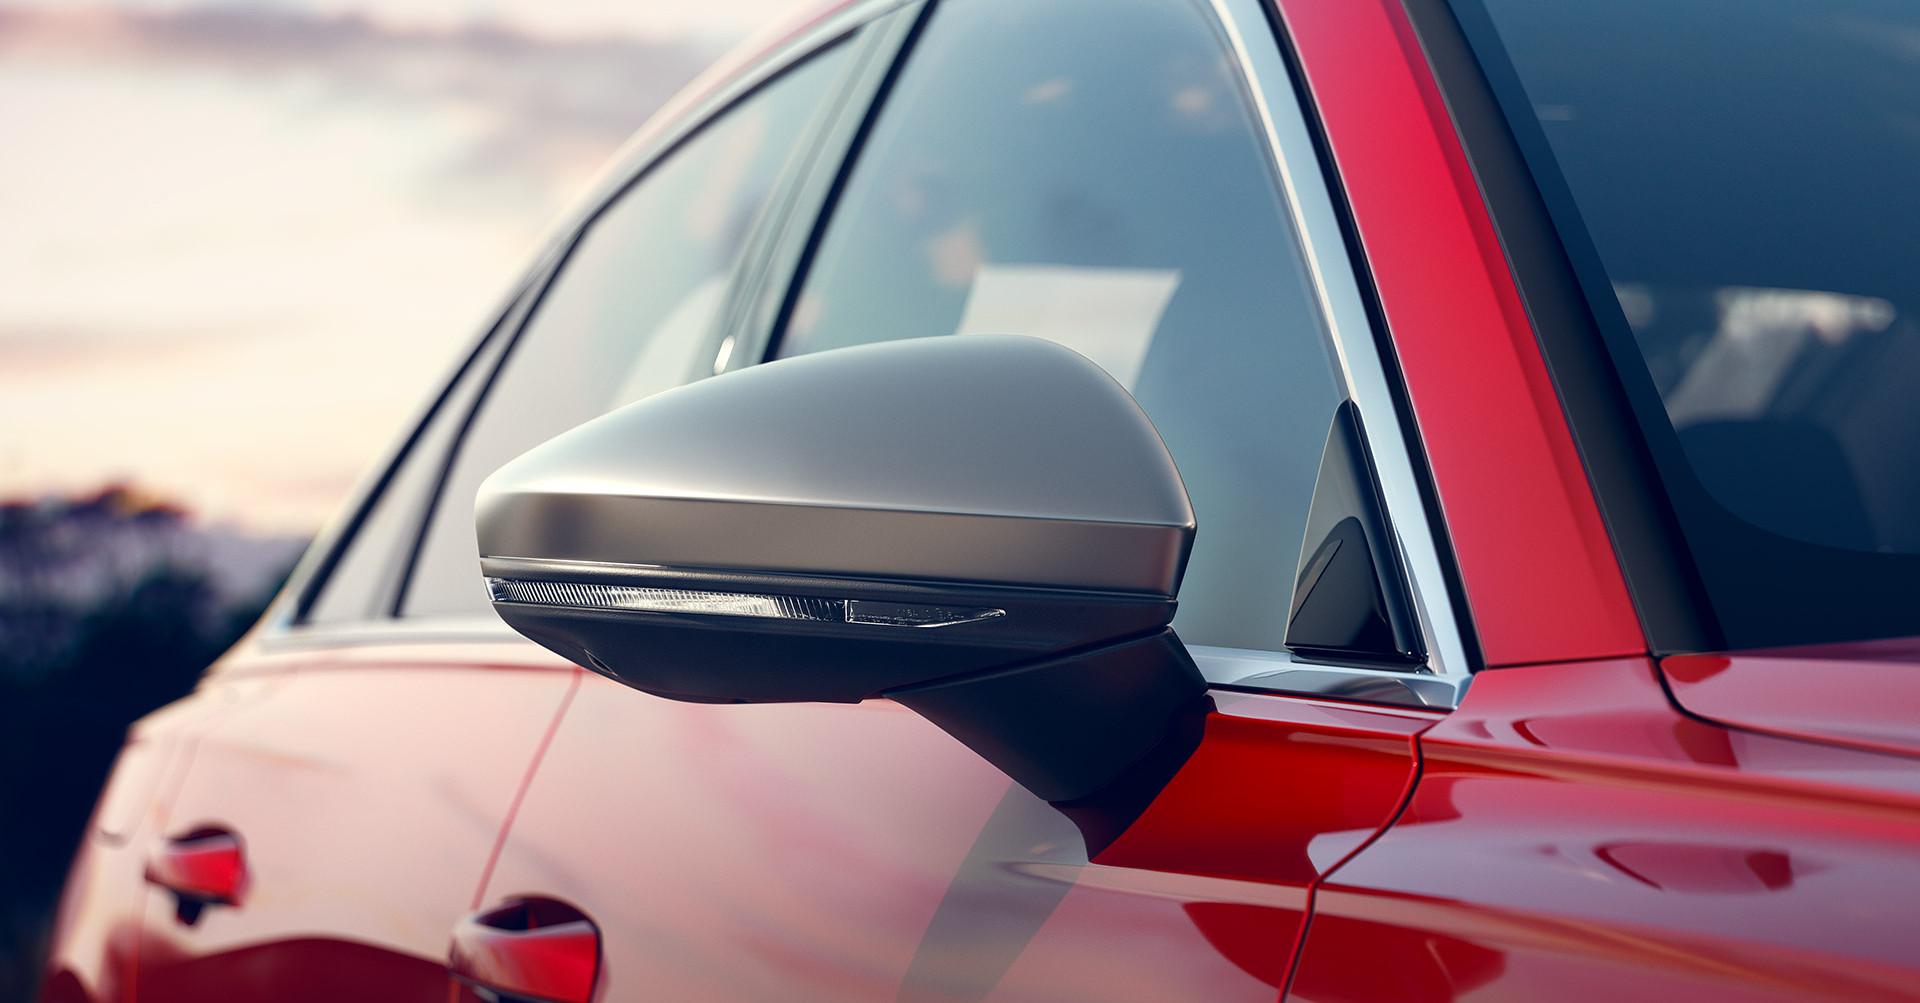 Aluminium-look exterior mirrors